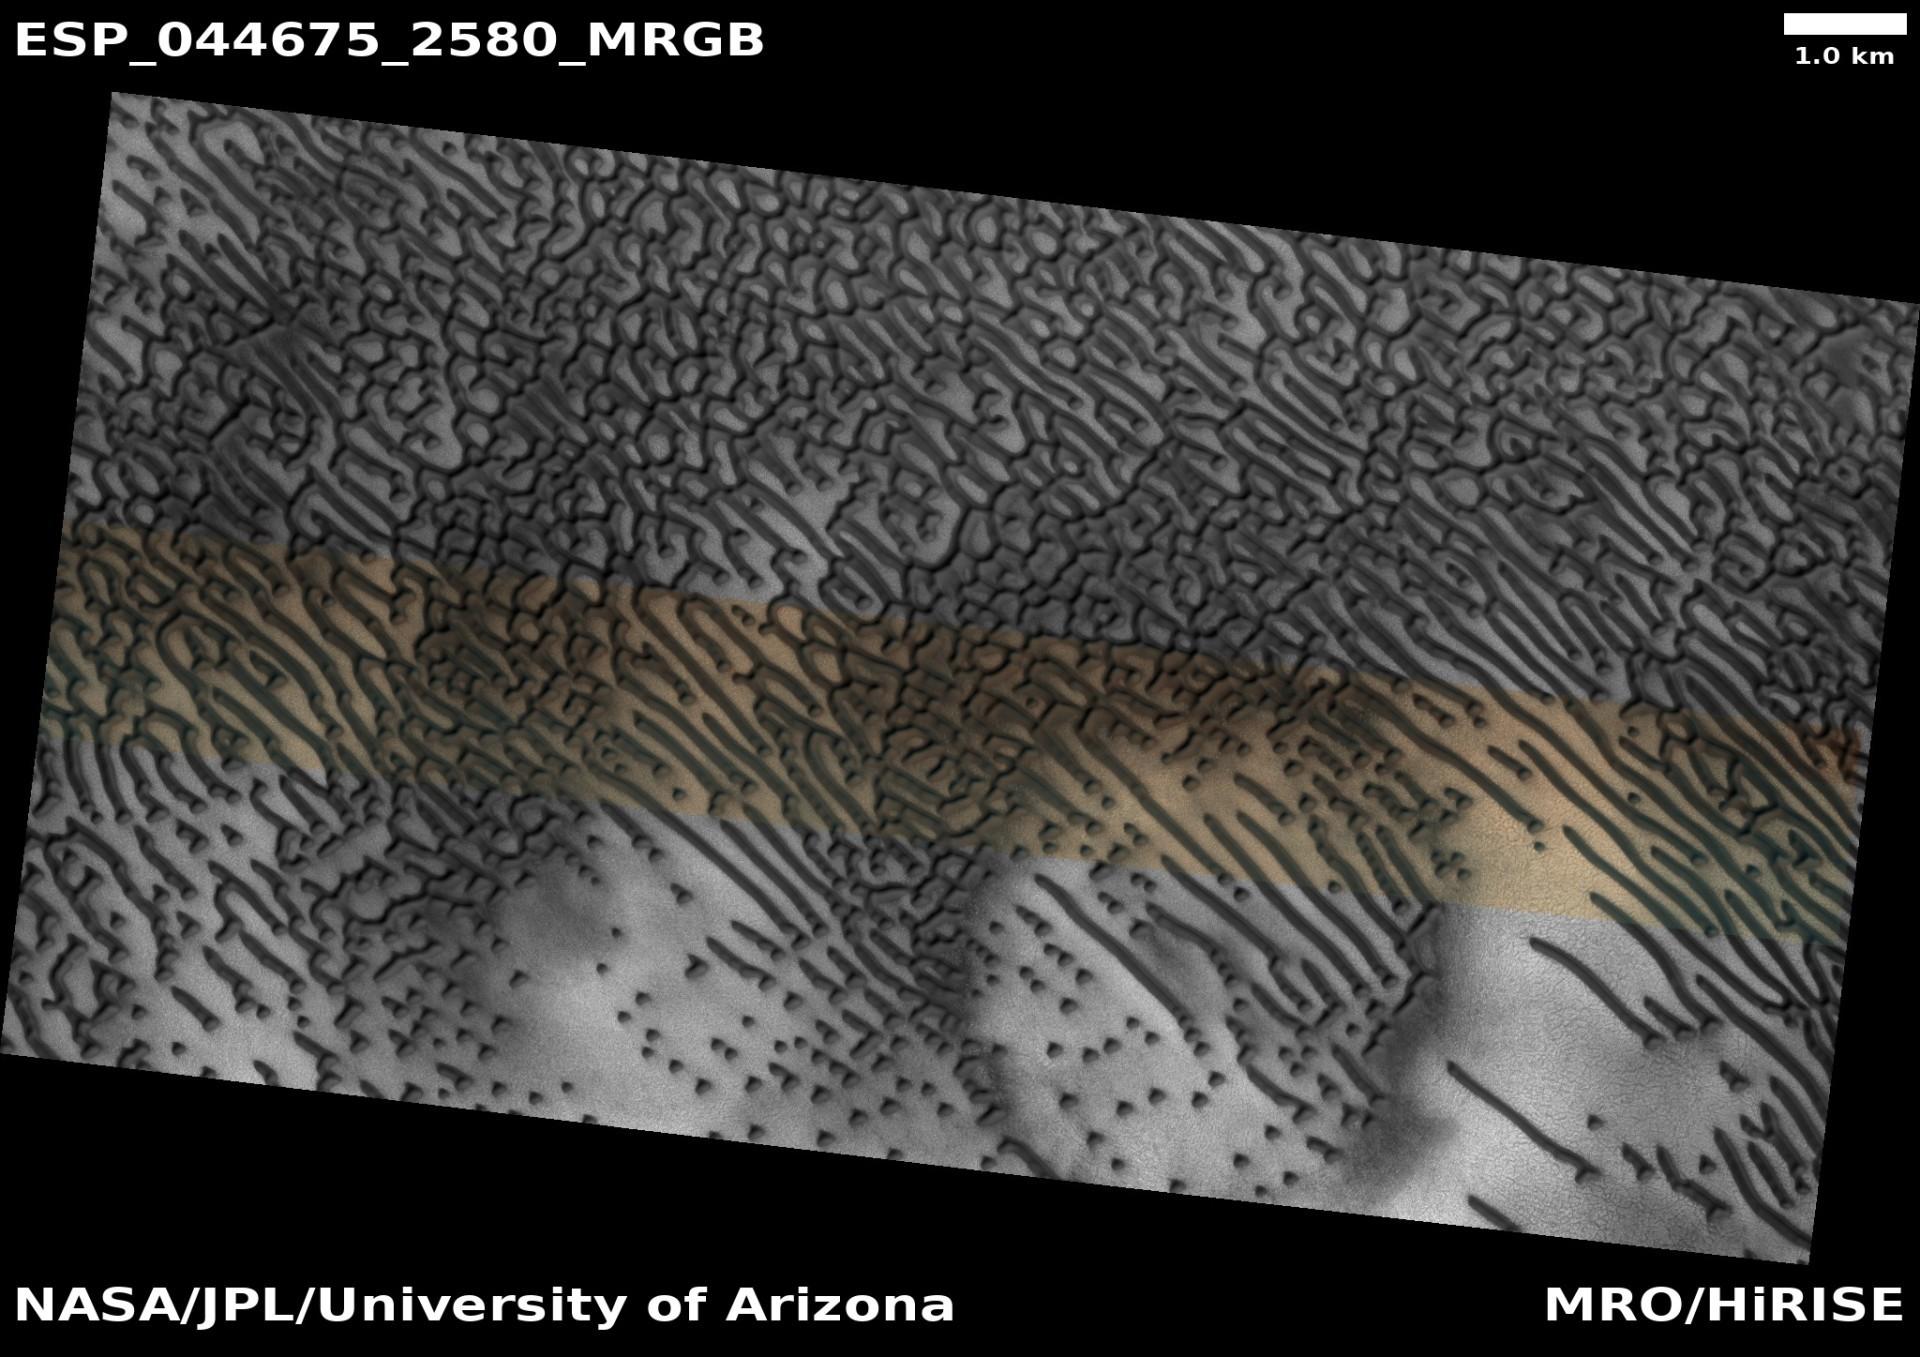 Азбука Морзе на марсианских дюнах - 4